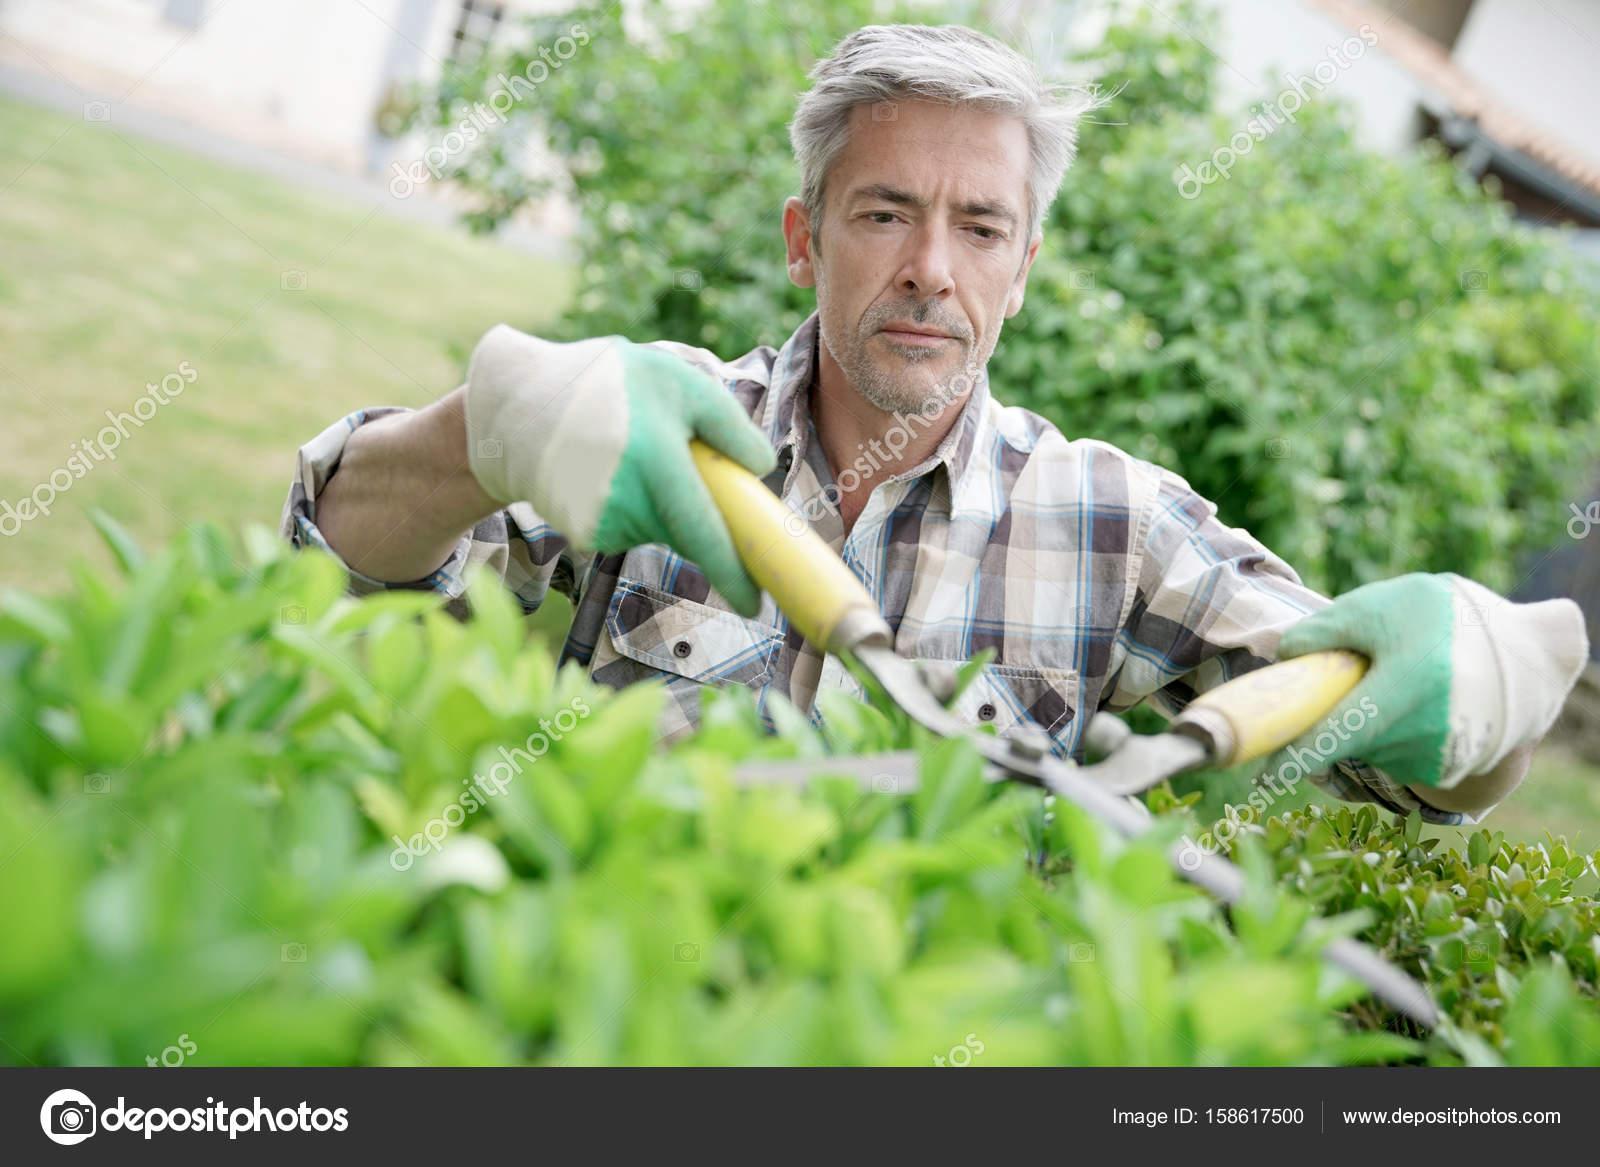 Homme dans le jardin de tailler les haies photographie - Tailler les haies ...